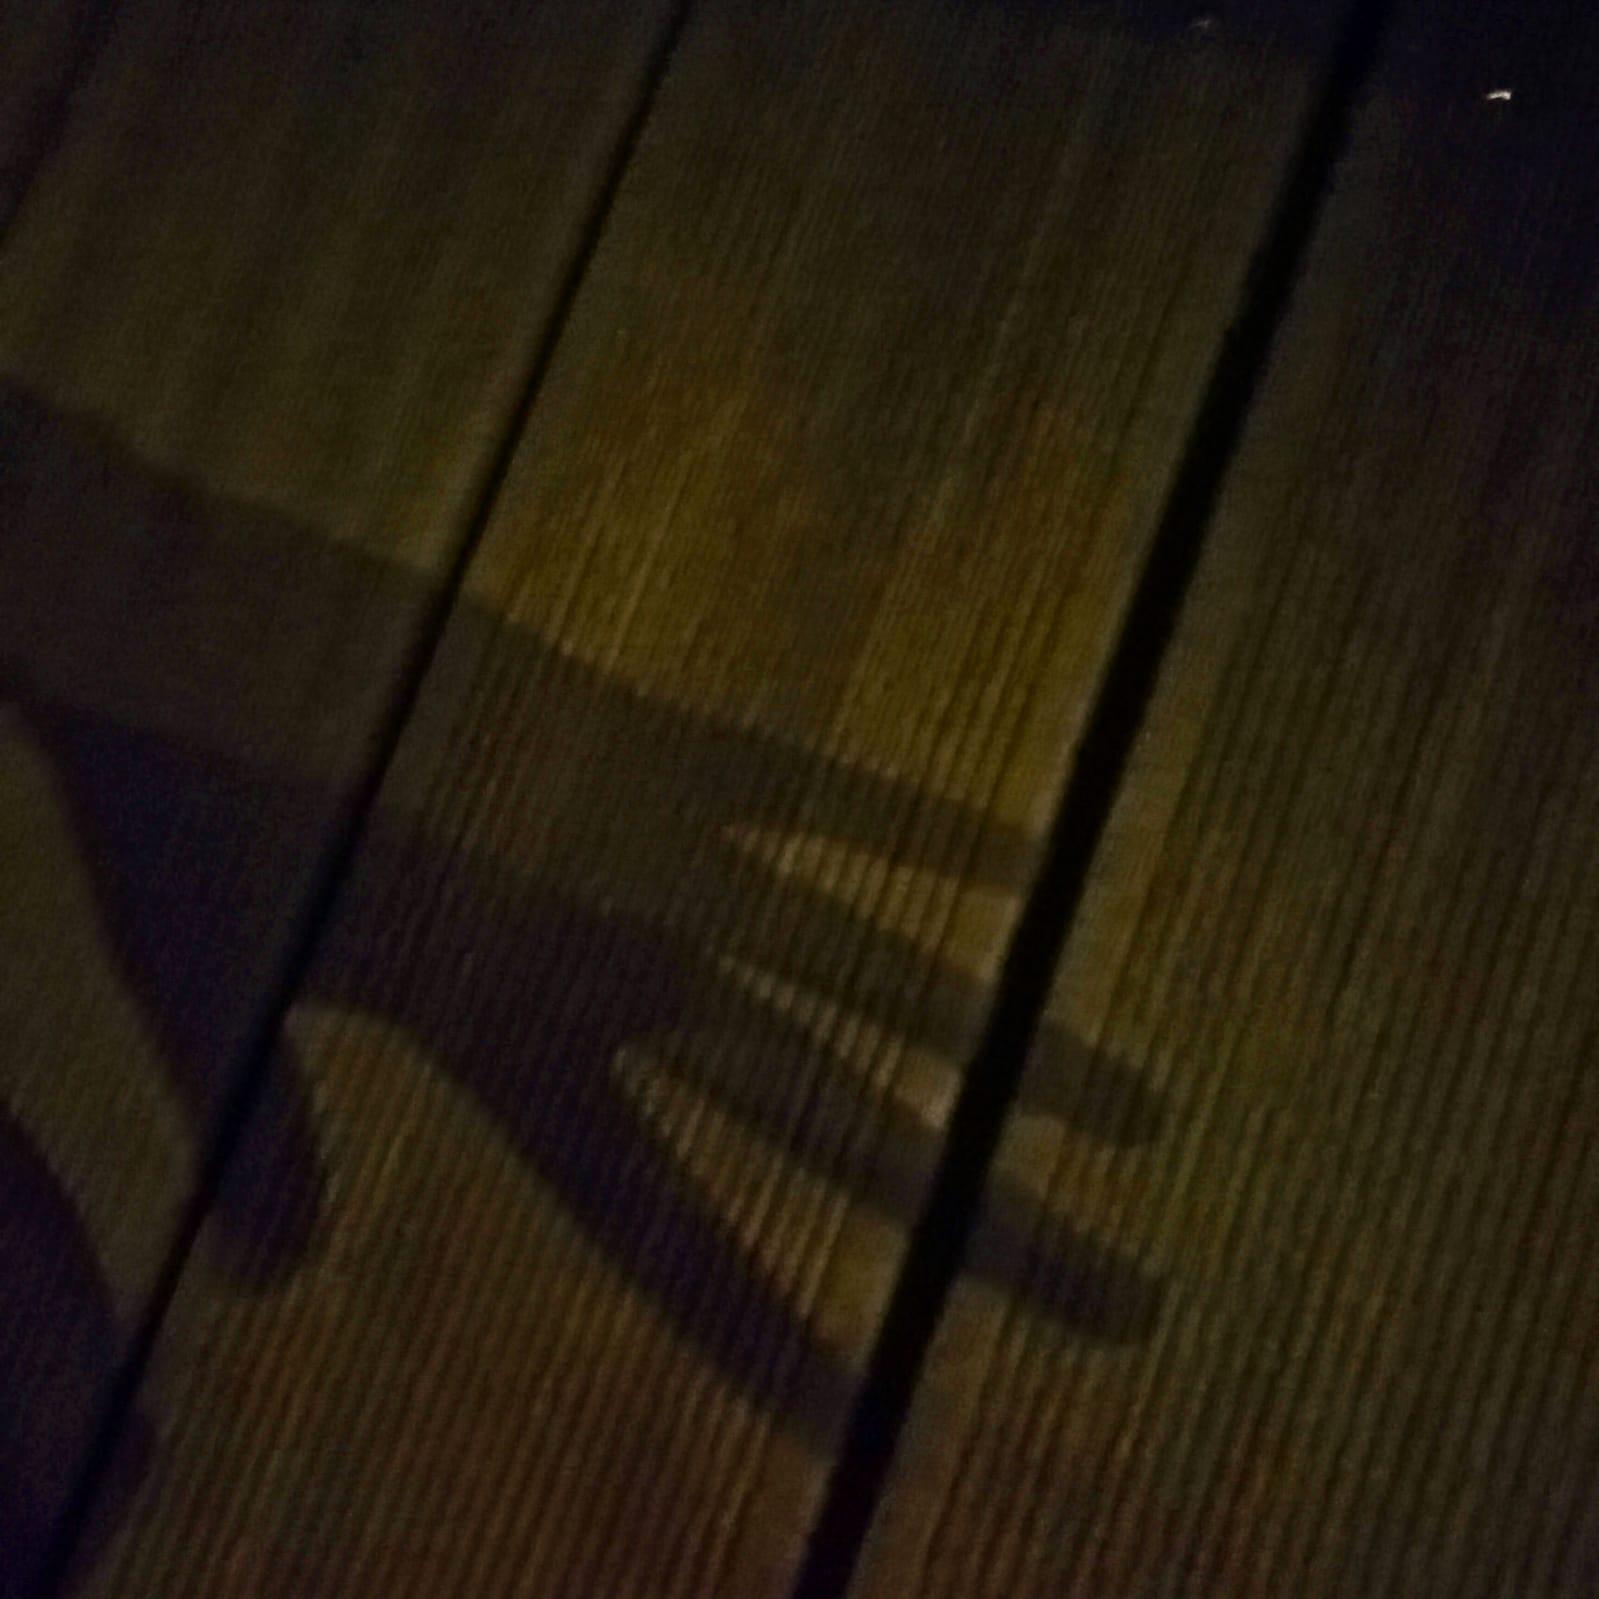 Schatten-einer-Hand